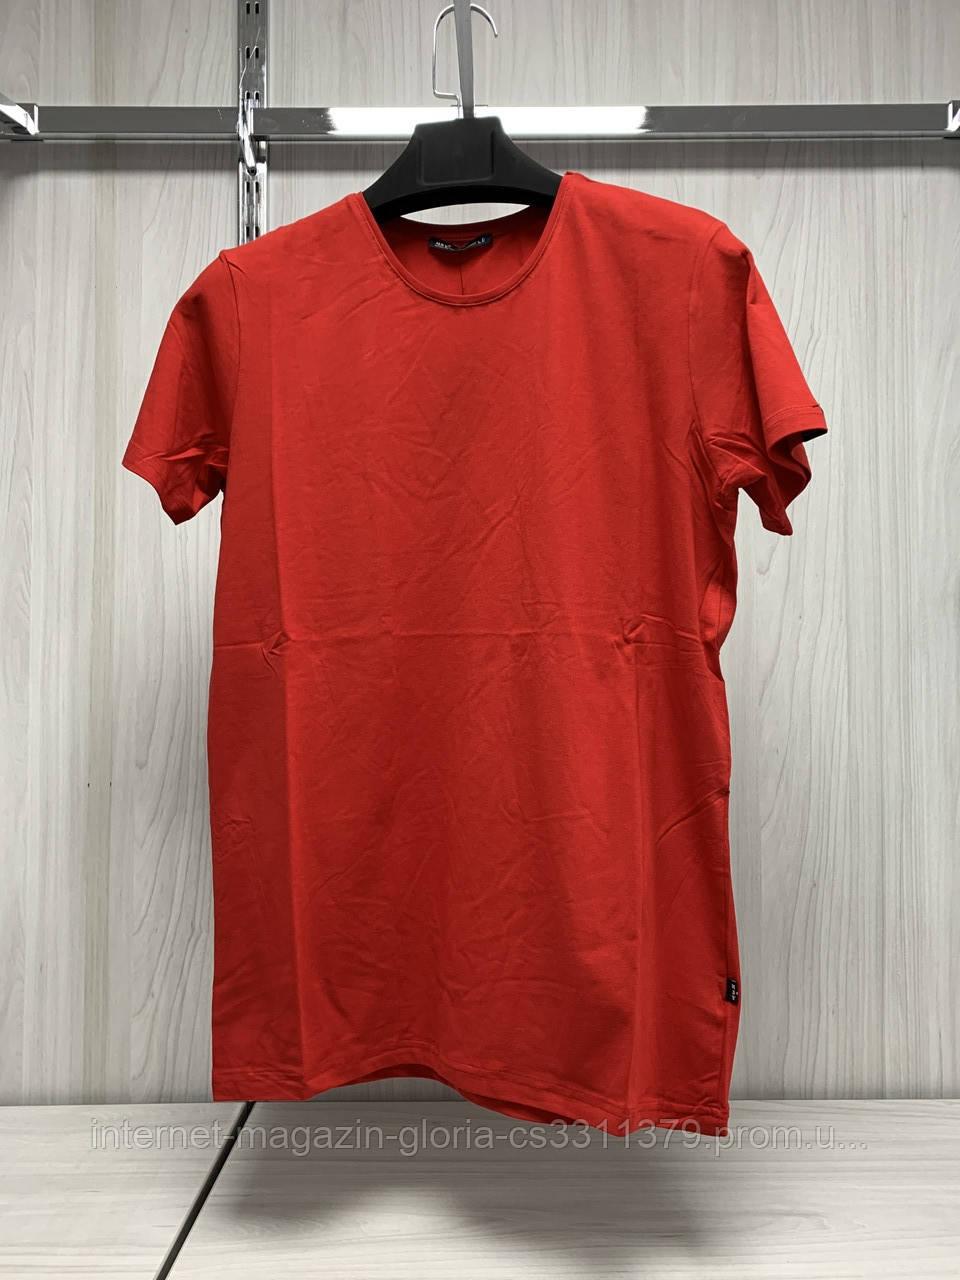 Мужская футболка MSY. 42636-7974(red). Размеры: M,L,XL,XXL.